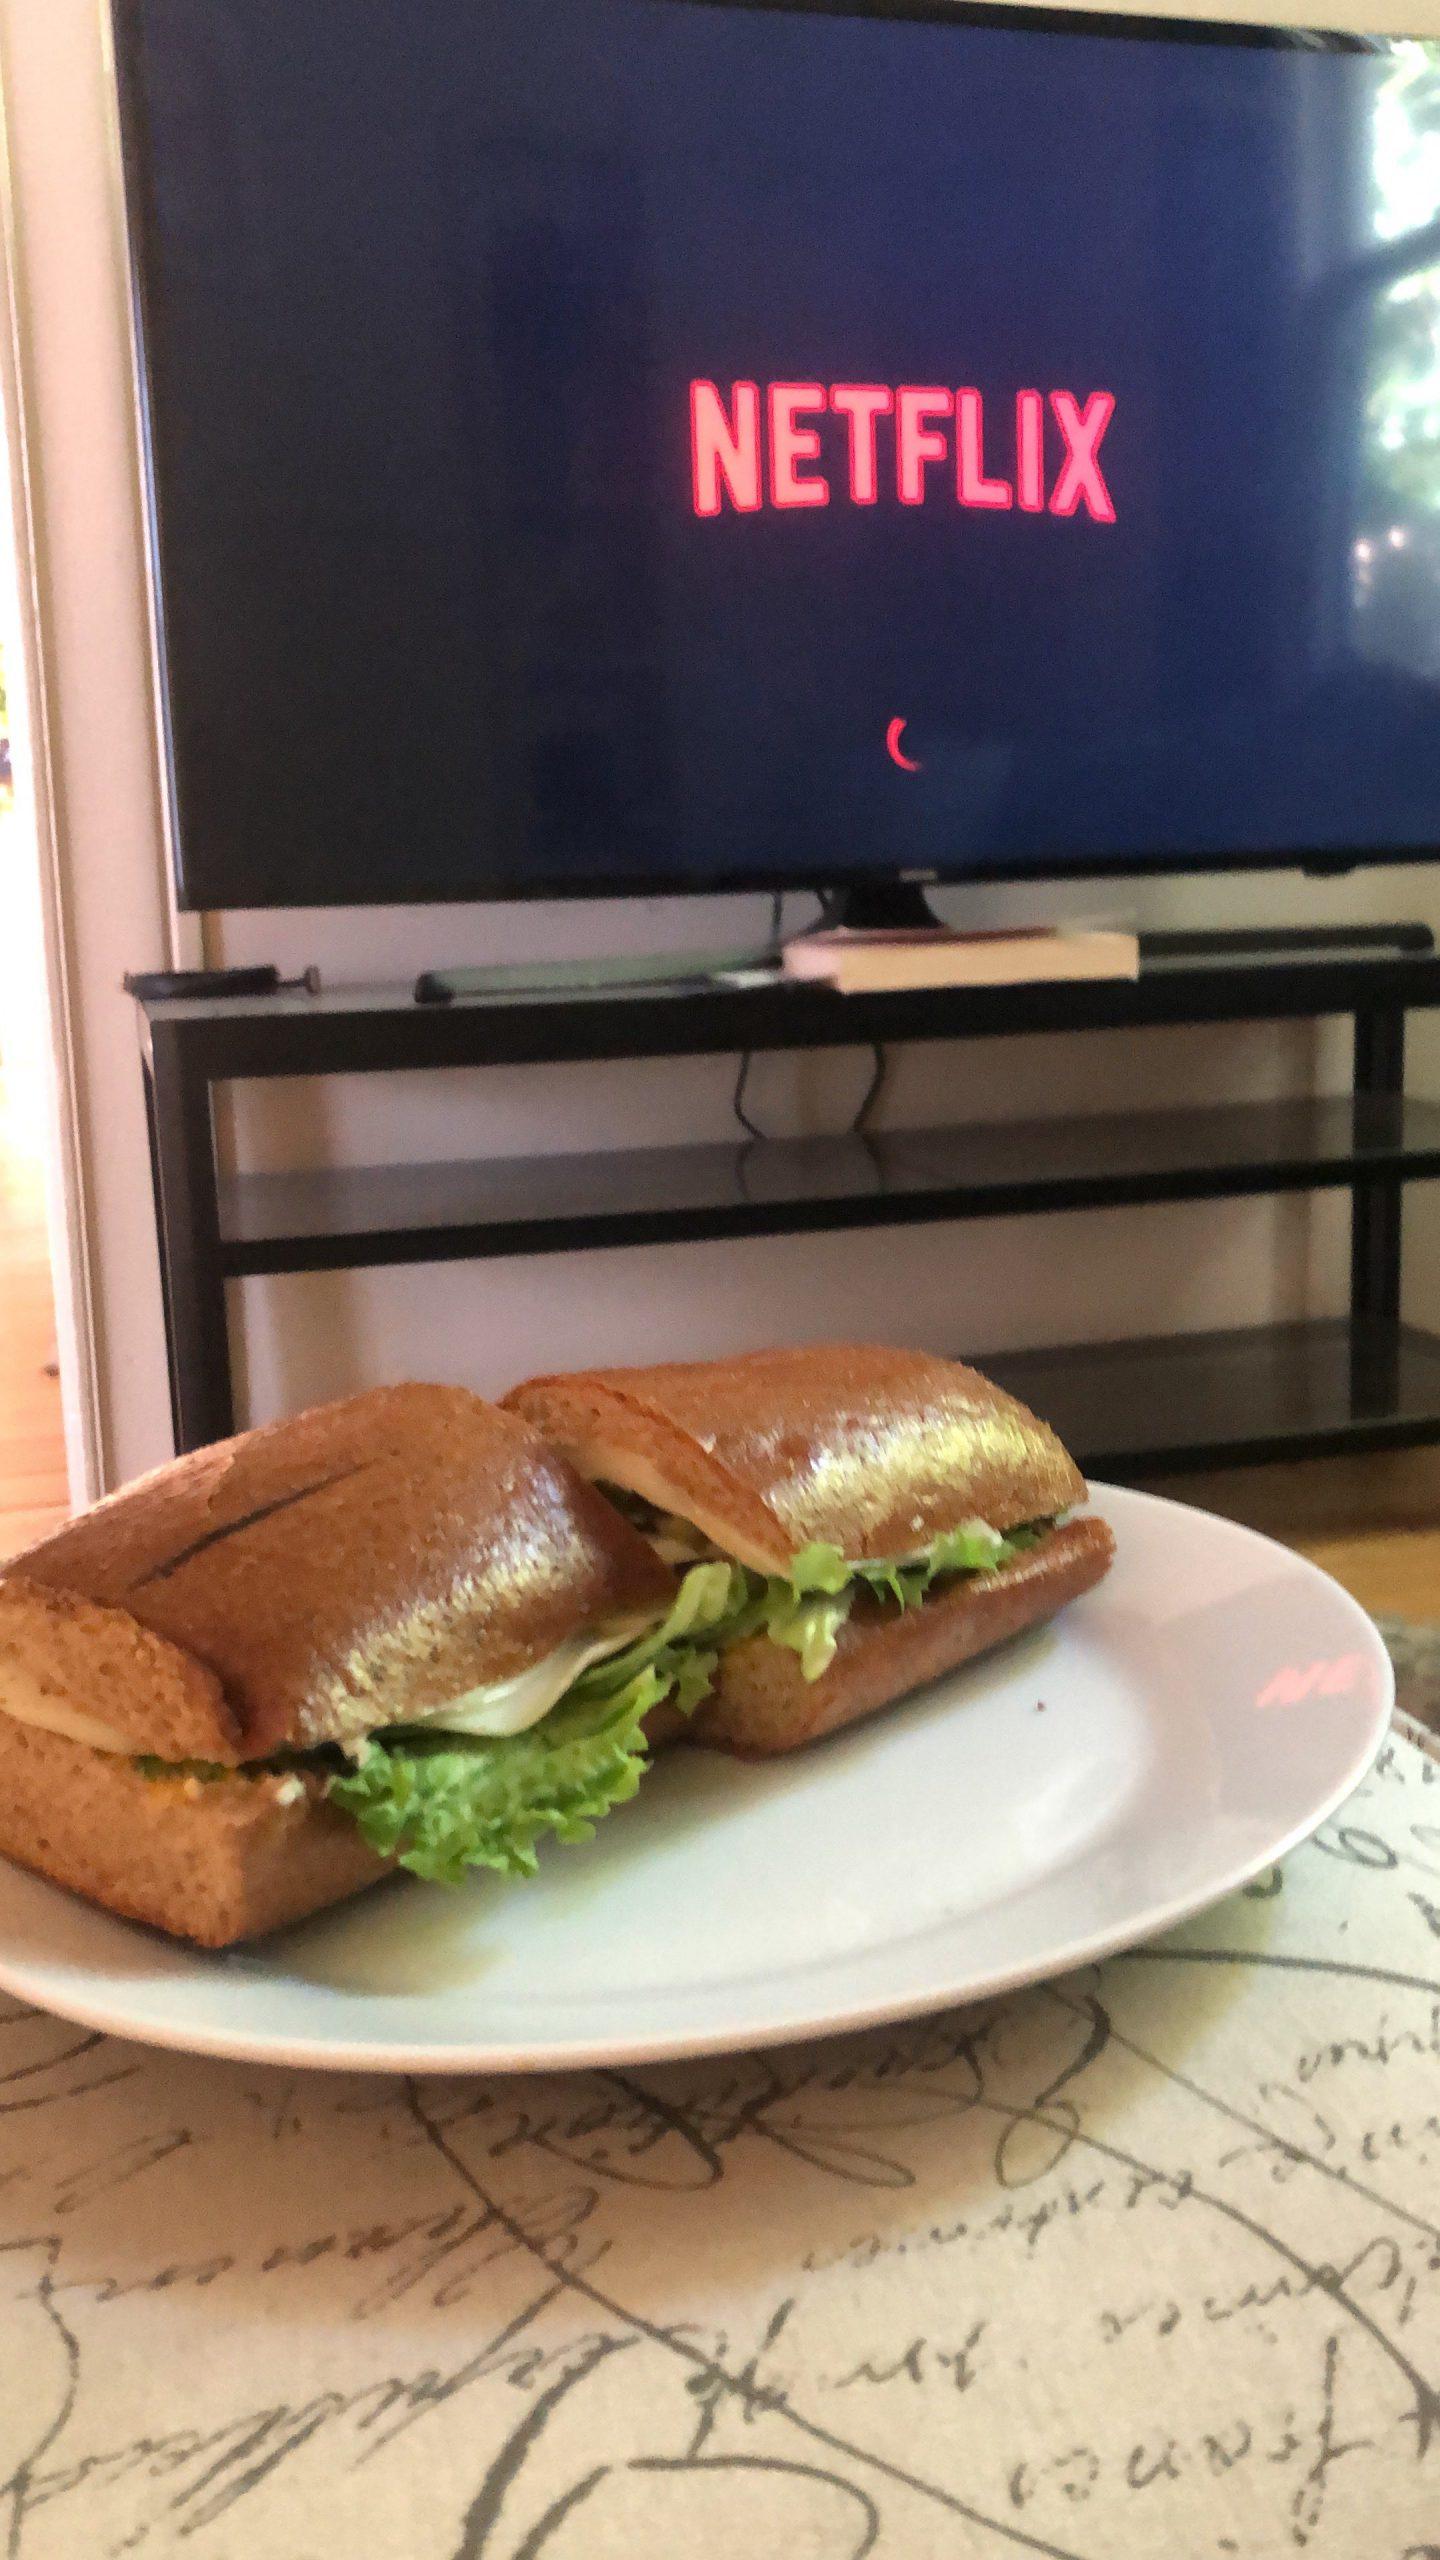 A PostHog lunch break